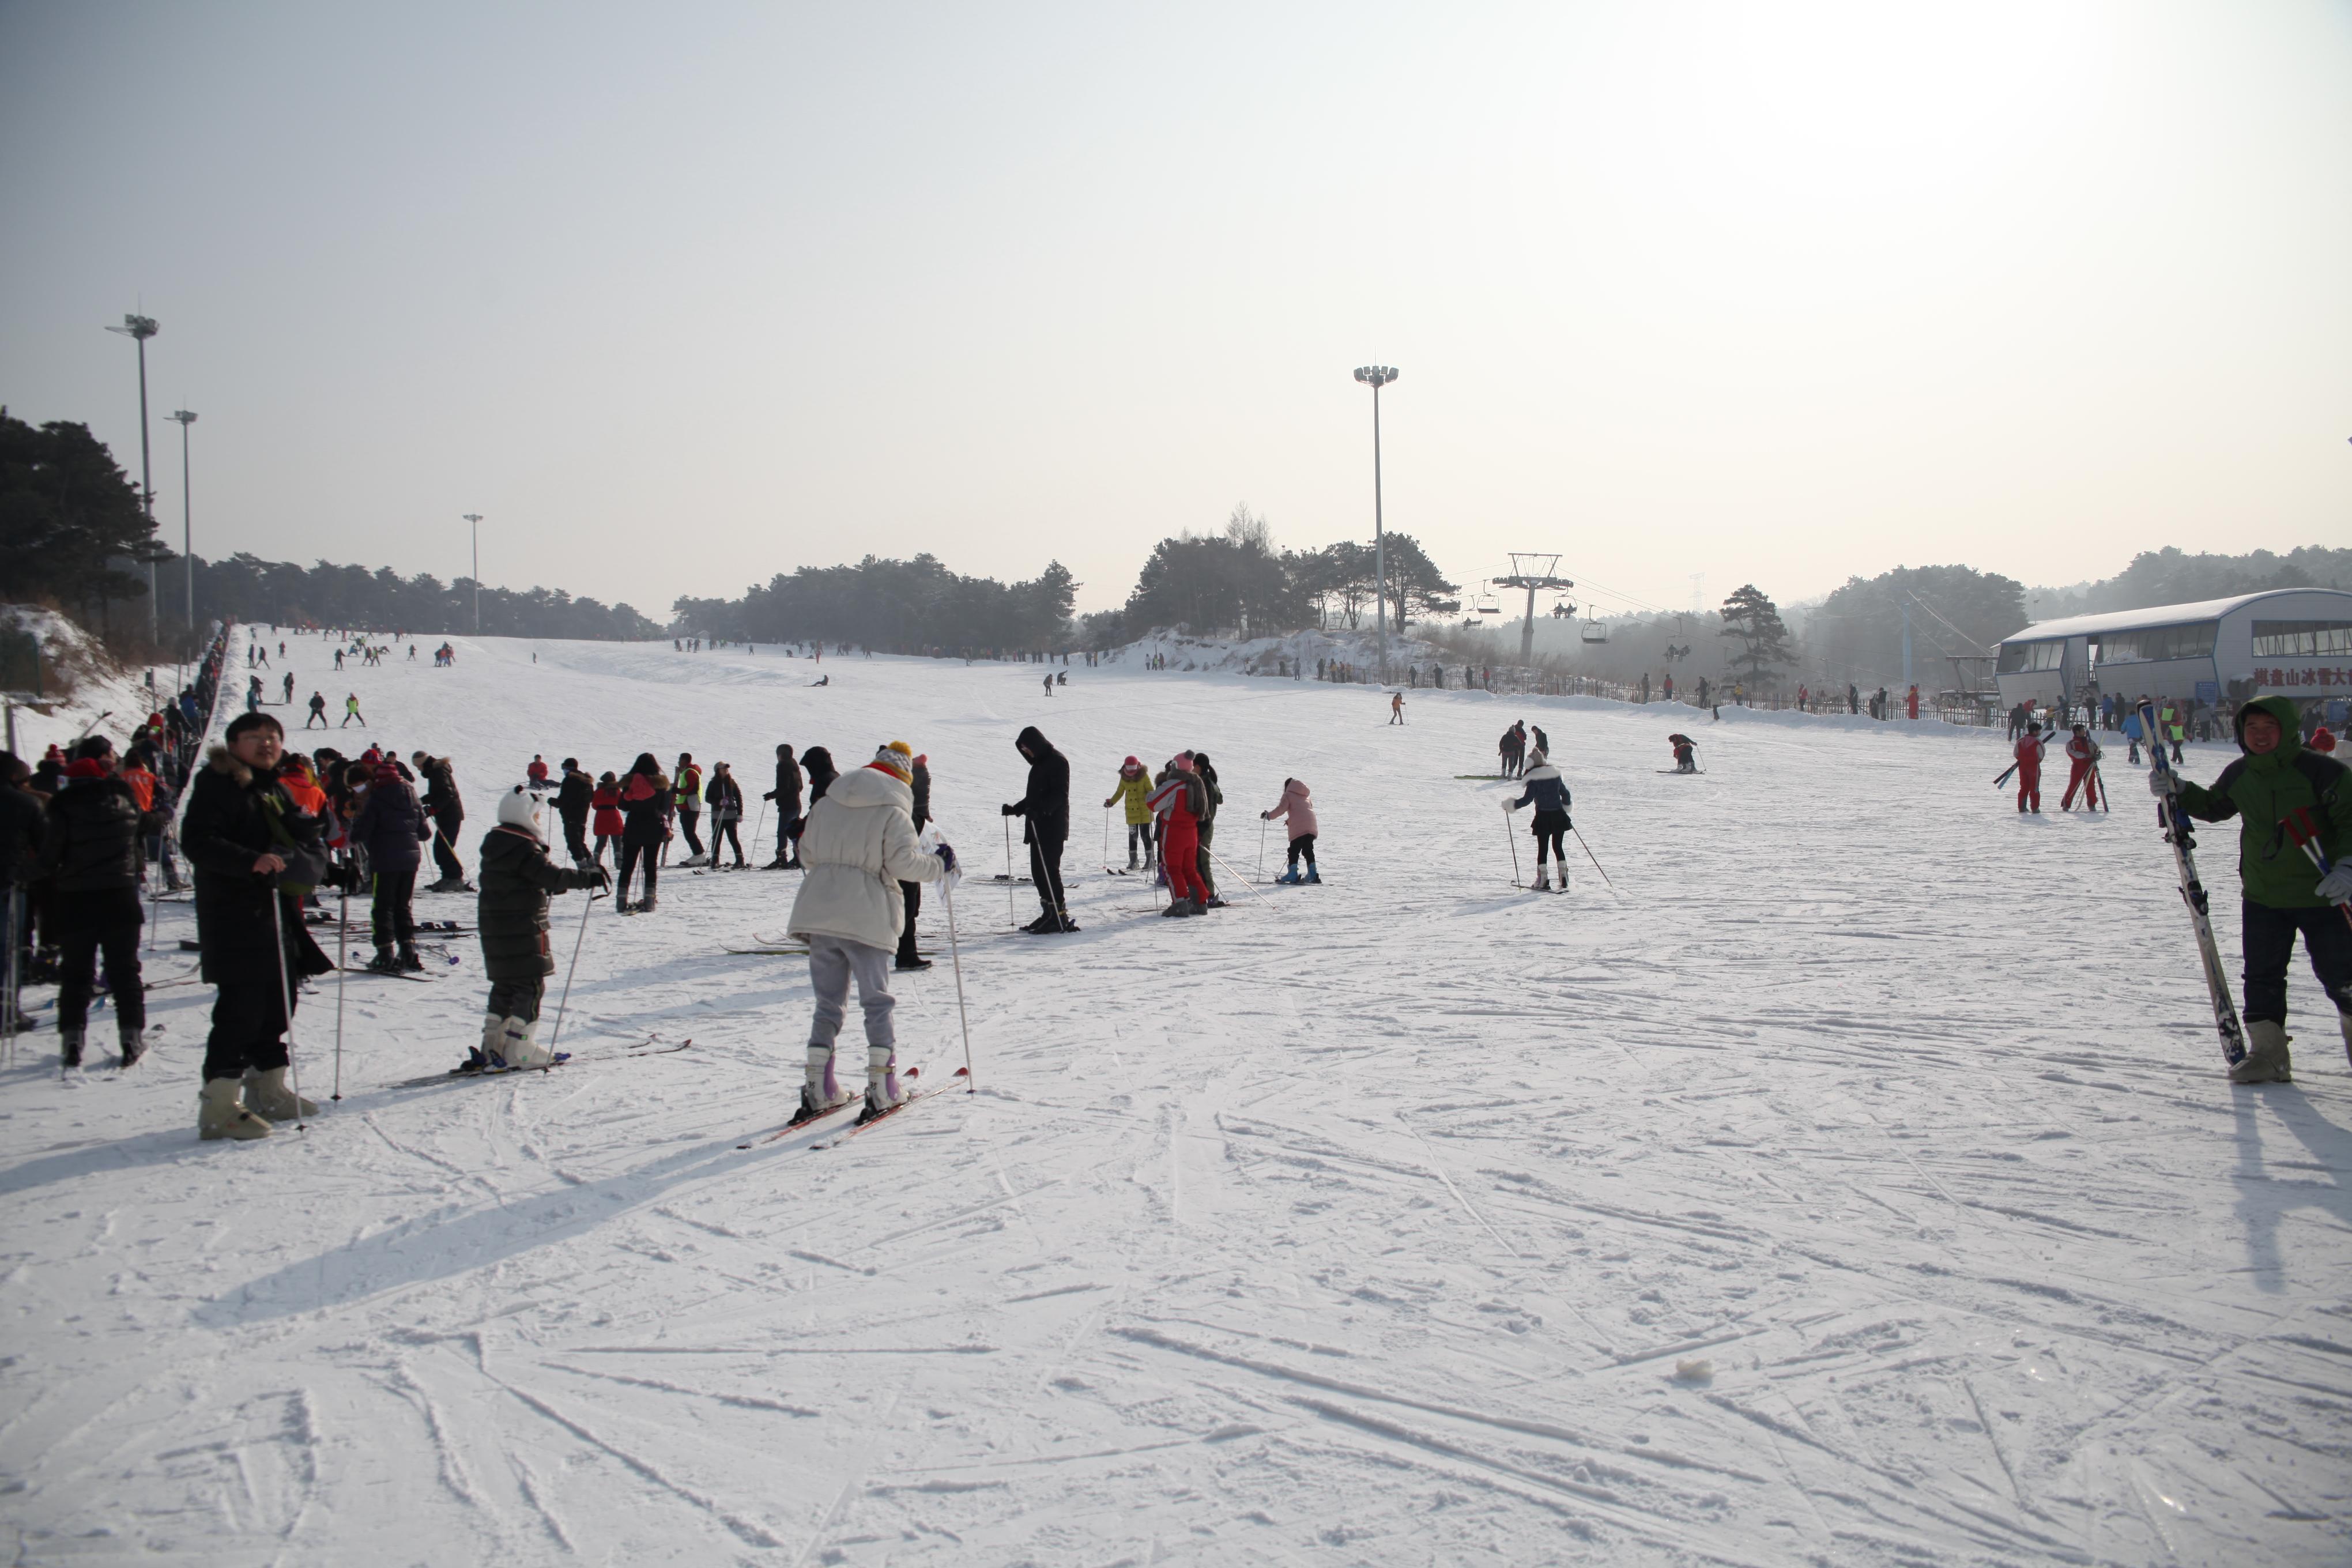 【携程攻略】辽宁沈阳沈阳棋盘山滑雪场好玩吗